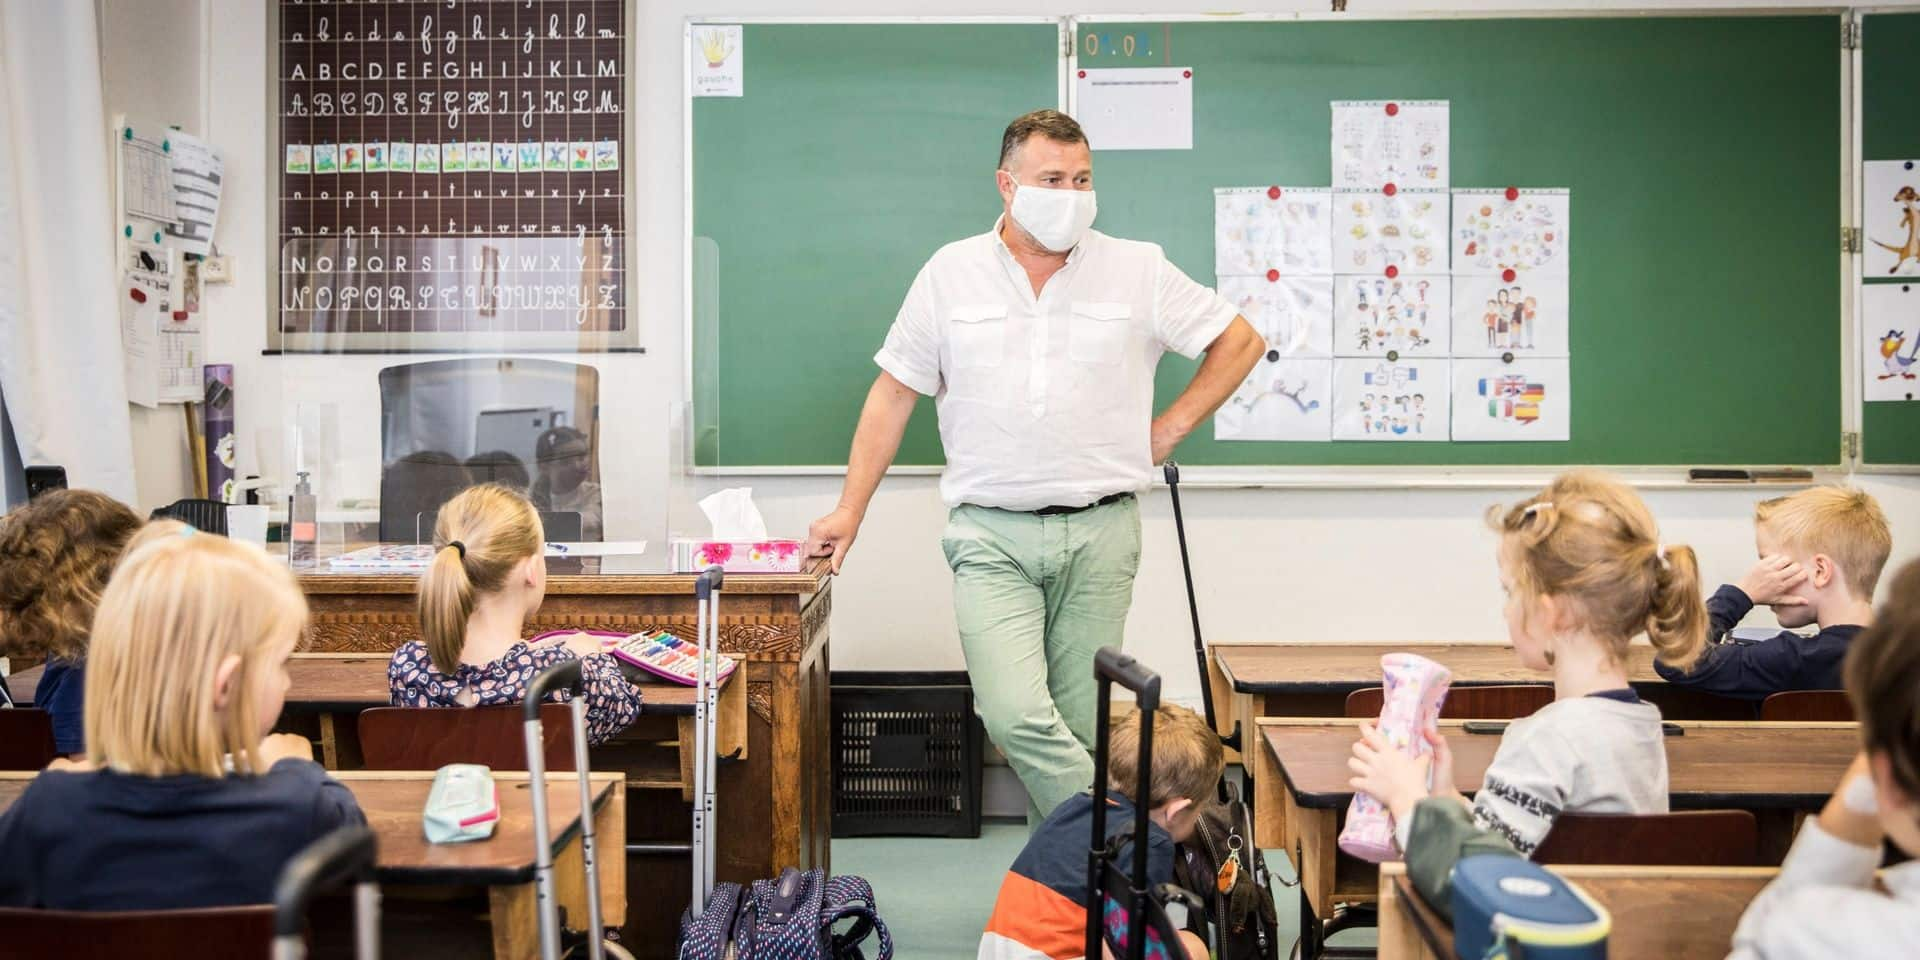 """Les enseignants, non-prioritaires pour la vaccination, sont stupéfaits : """"Je ne sais pas depuis quand les politiciens ne sont plus venus dans une école"""""""